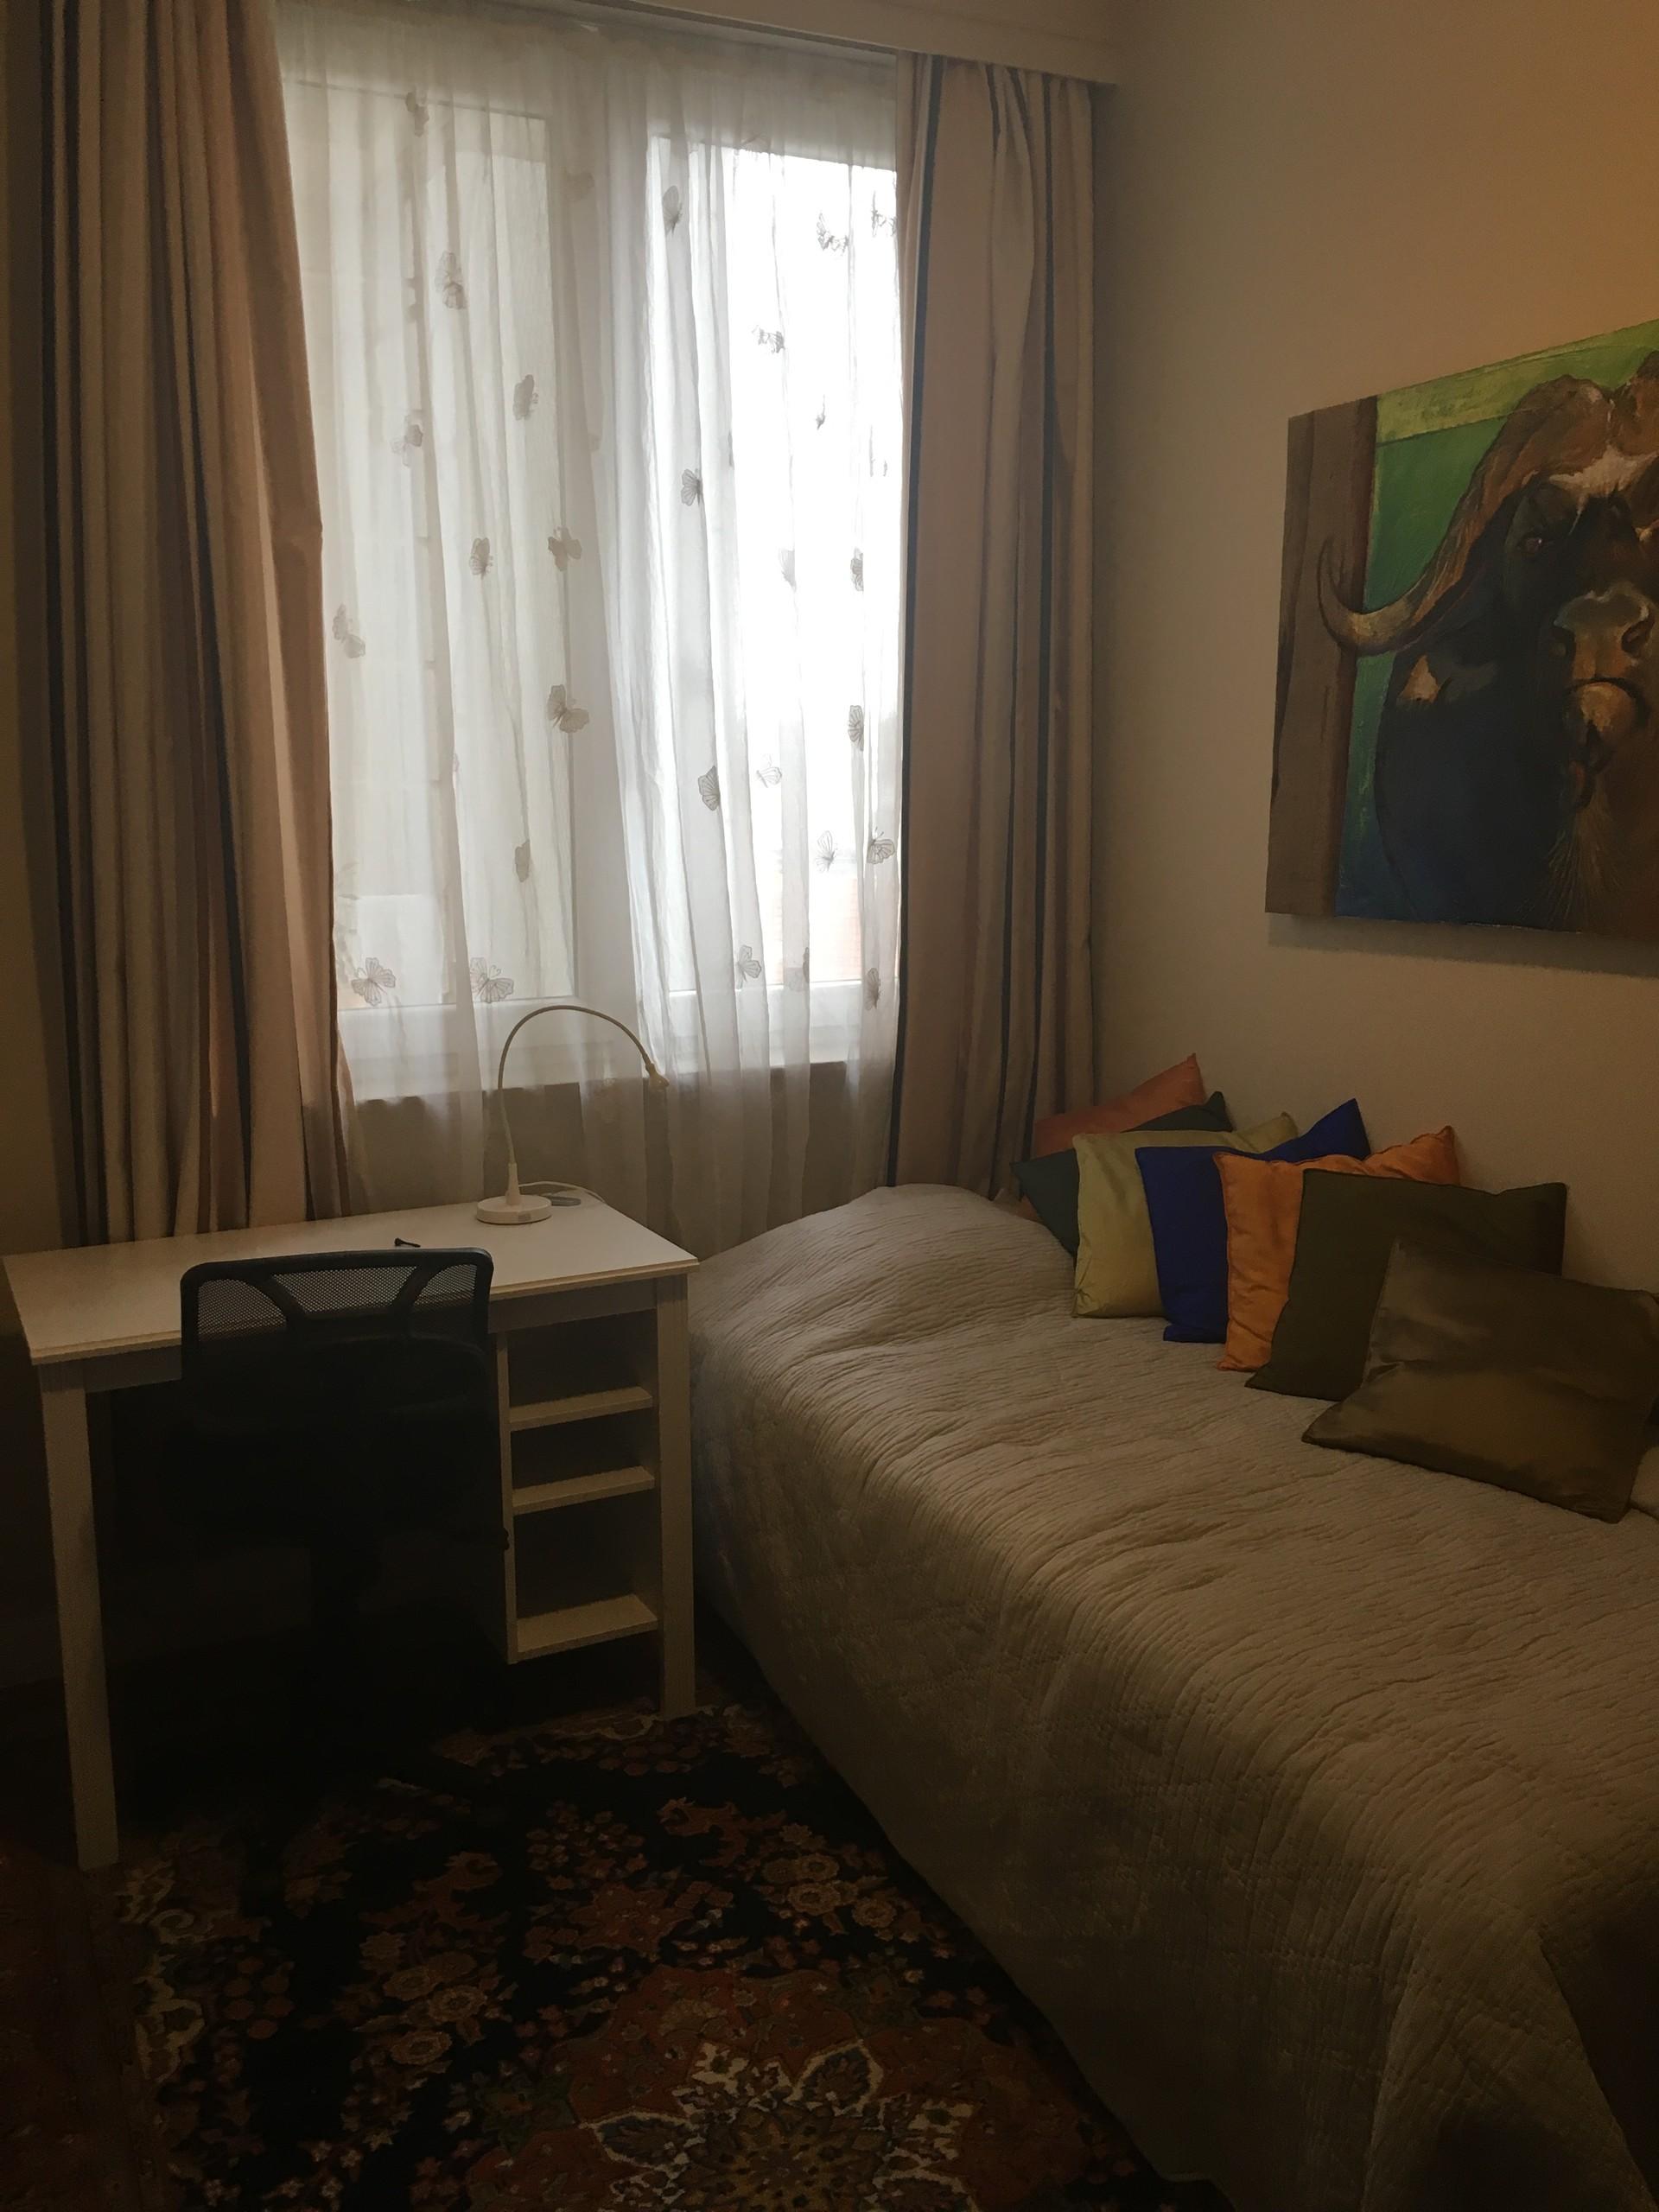 Chambre spacieuse chez l 39 habitant bruselles location - Chambre chez l habitant quimper ...